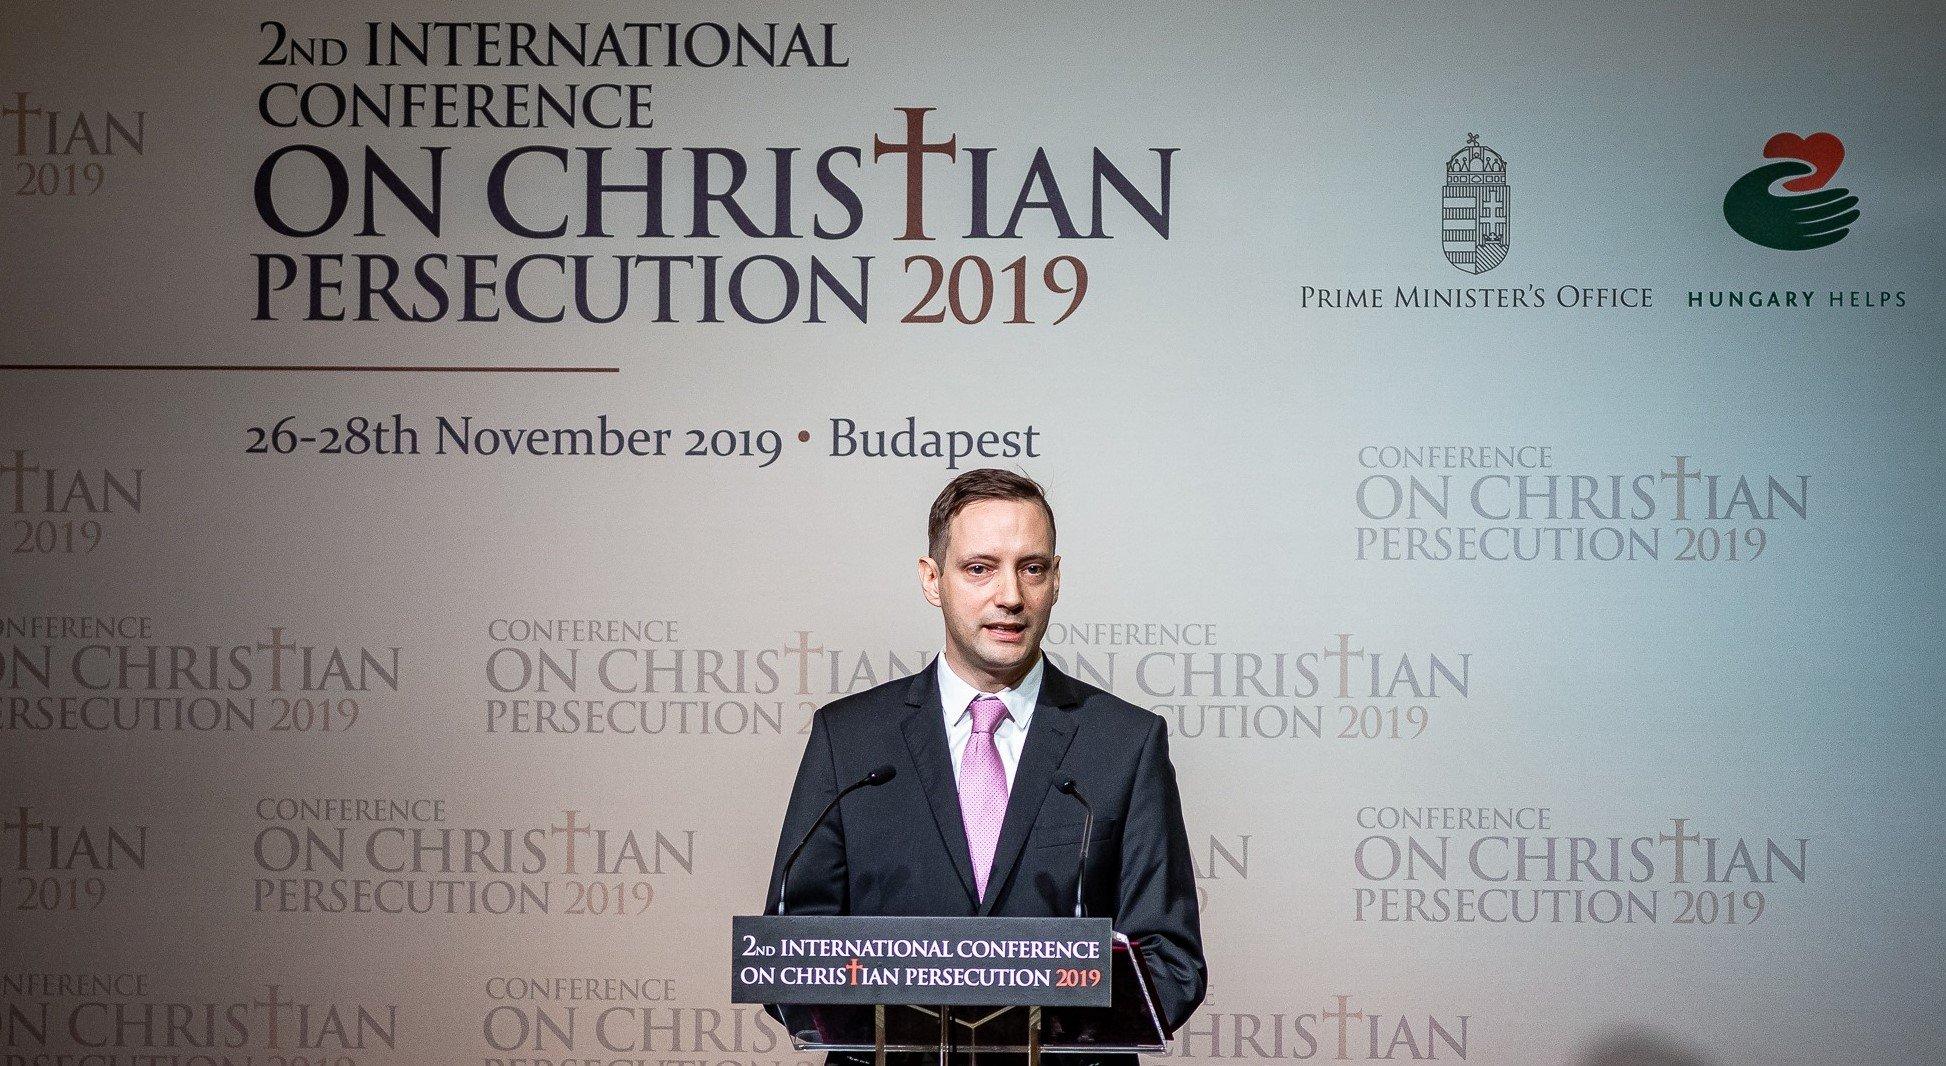 Hungria é país que mais ajuda cristãos perseguidos no mundo, diz relatório